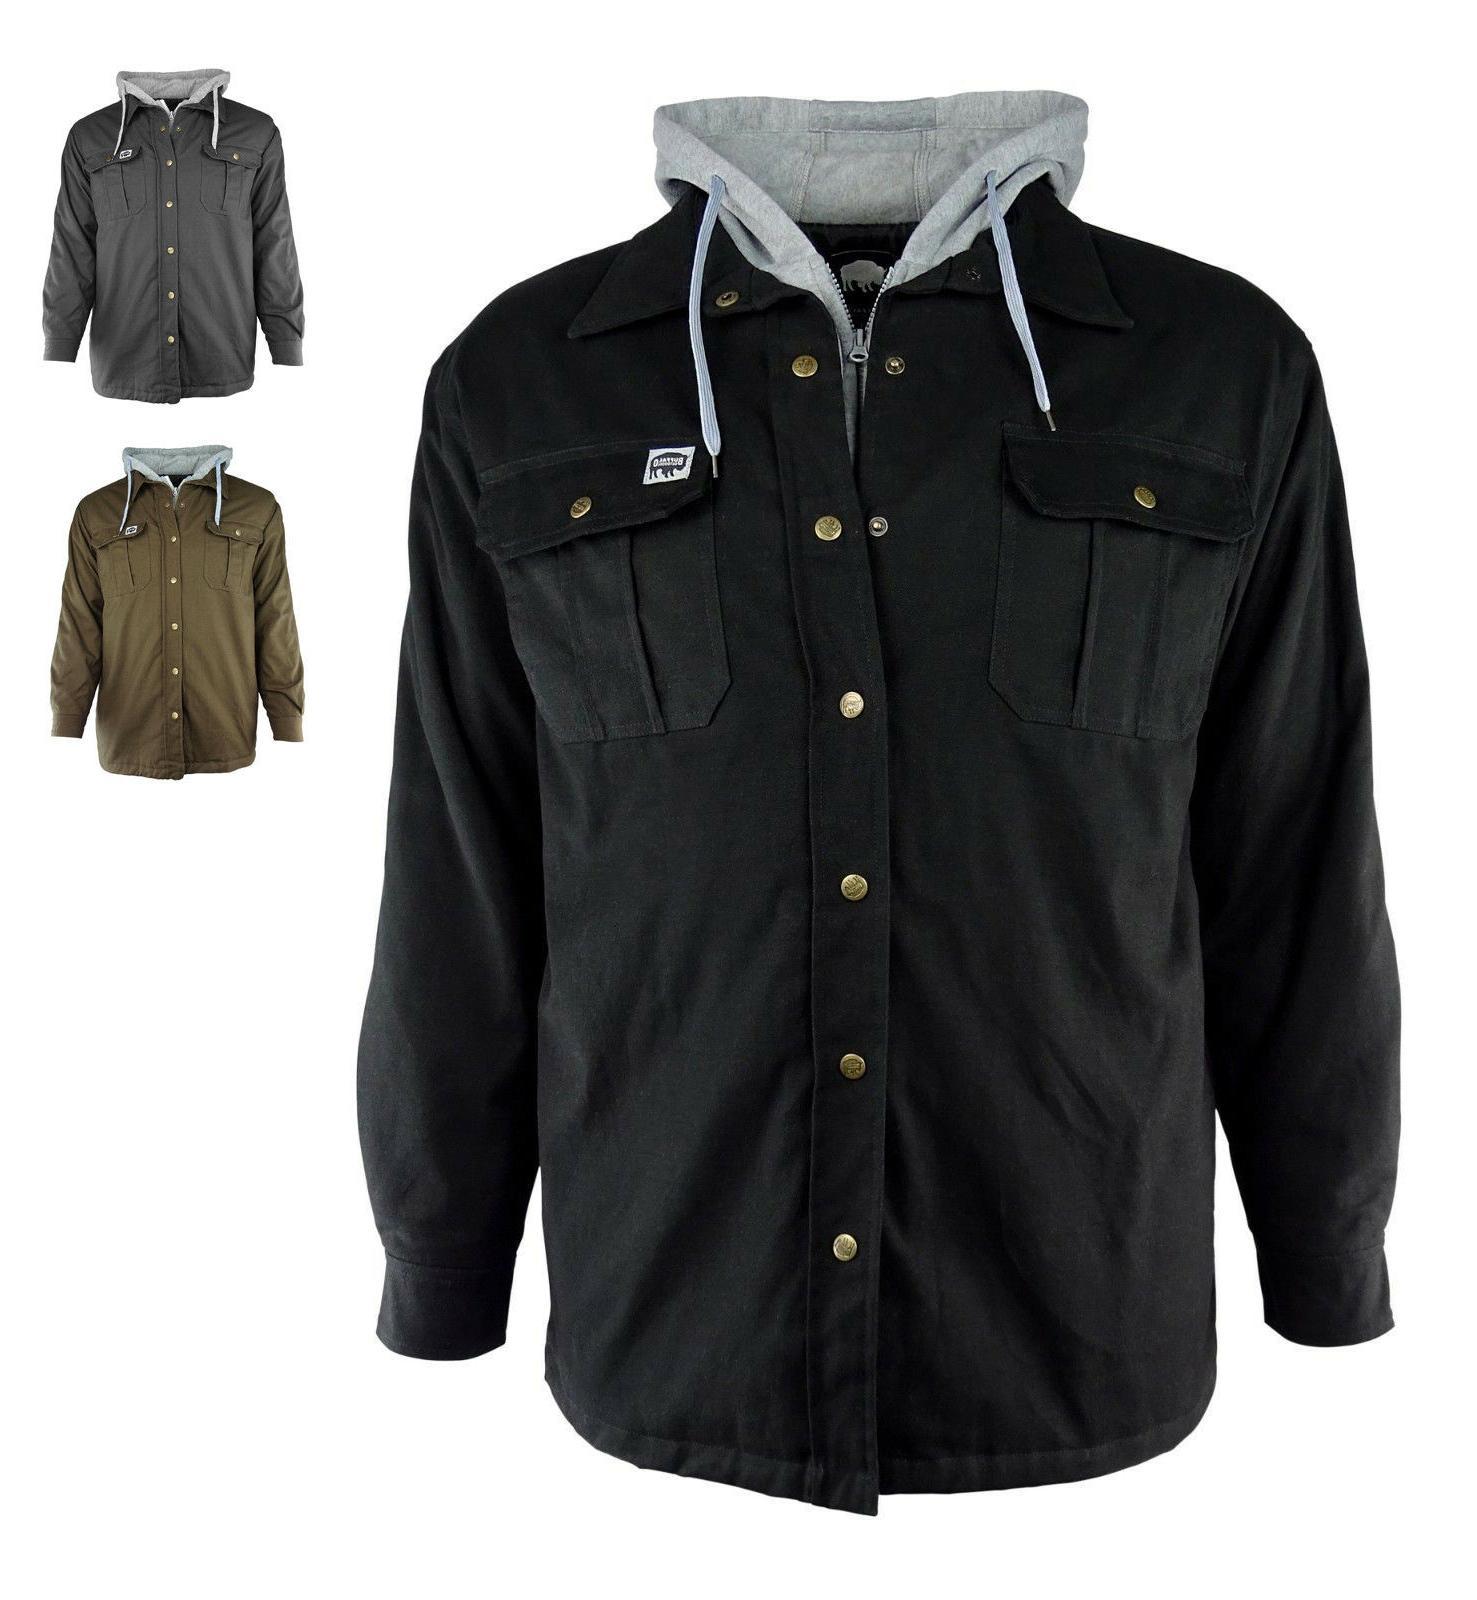 canvas hooded work jacket black brown or